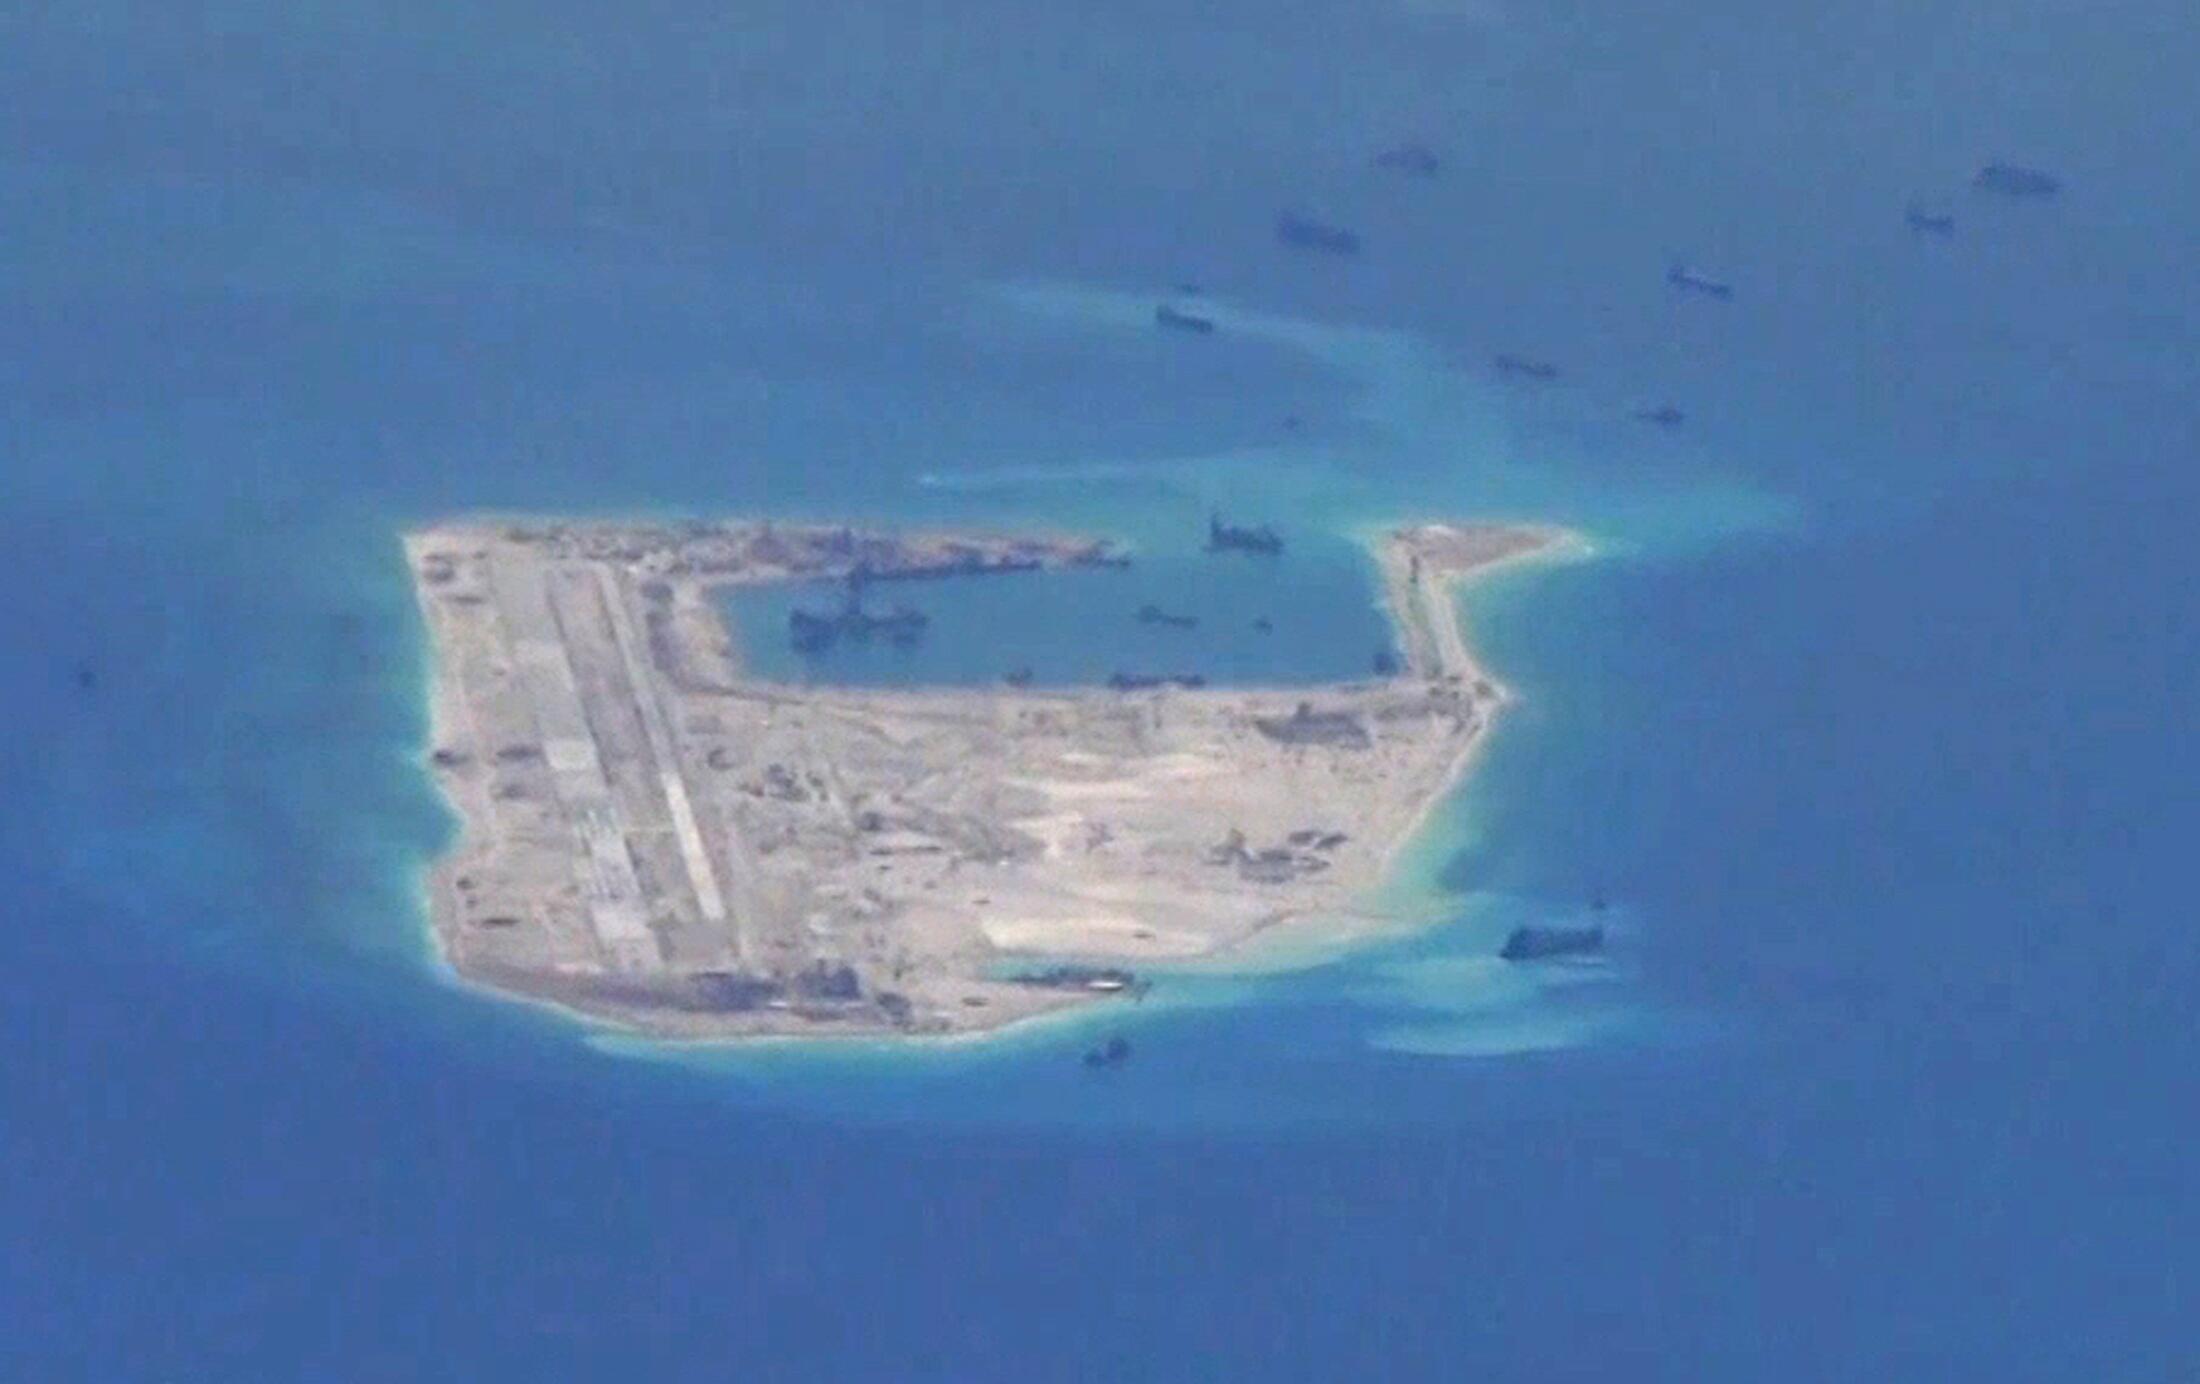 Đá Chữ Thập (Fiery Cross Reef - South China Sea